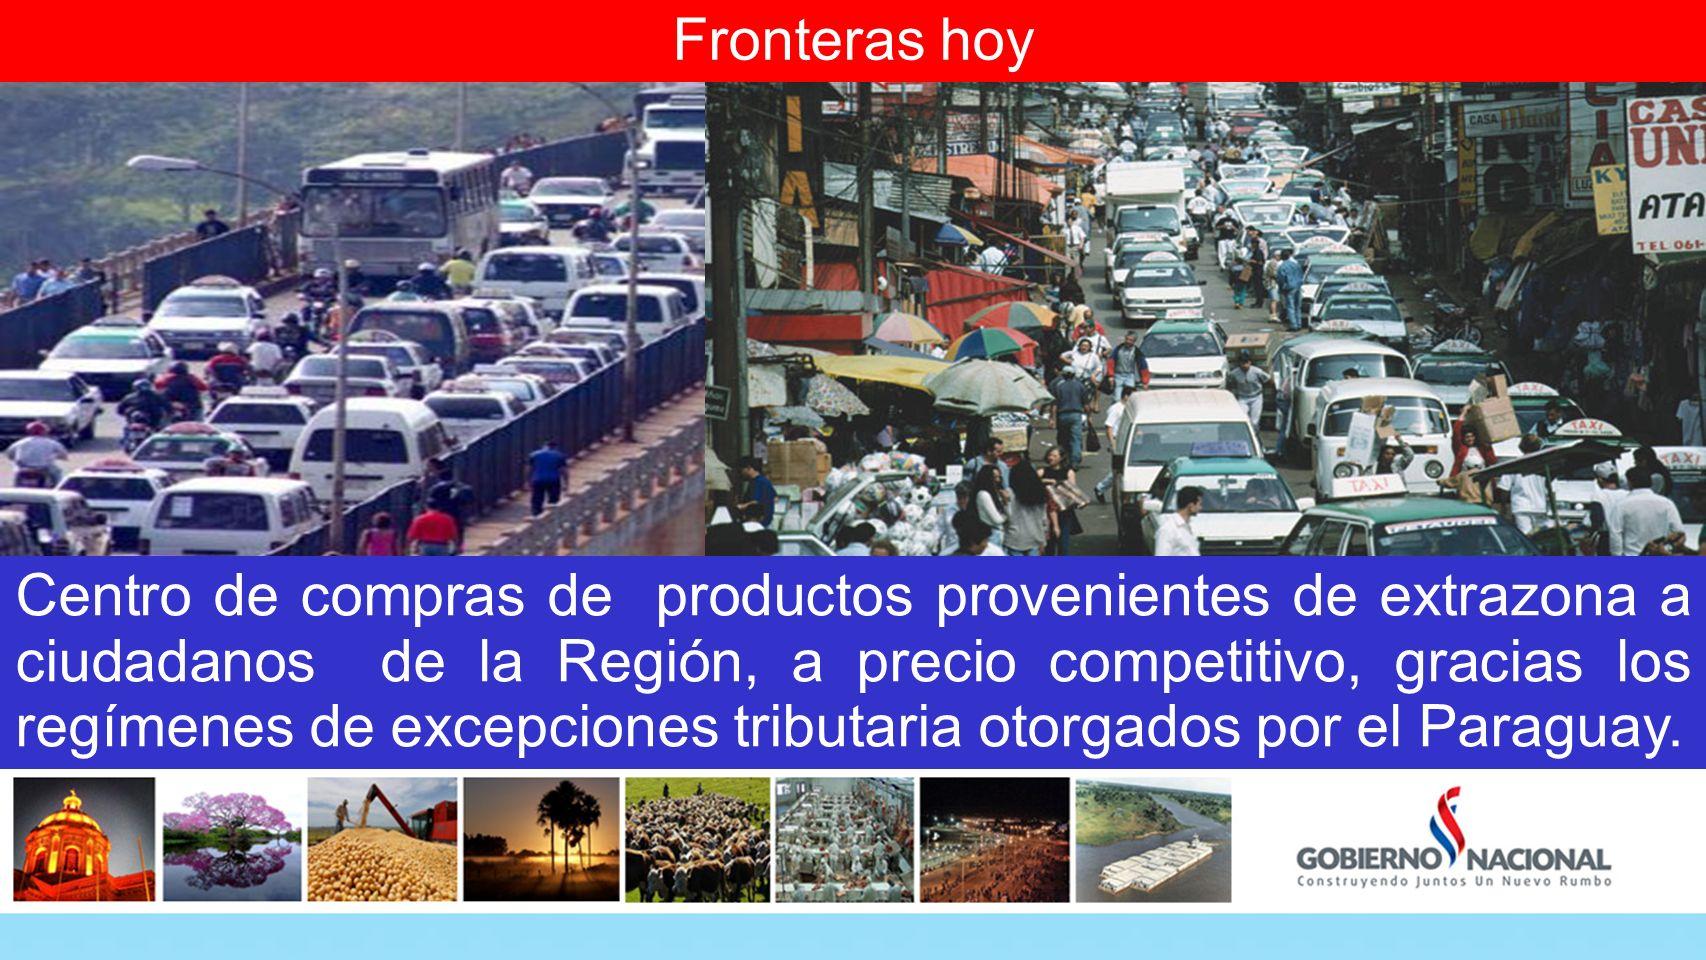 Fronteras hoy Centro de compras de productos provenientes de extrazona a ciudadanos de la Región, a precio competitivo, gracias los regímenes de excepciones tributaria otorgados por el Paraguay.